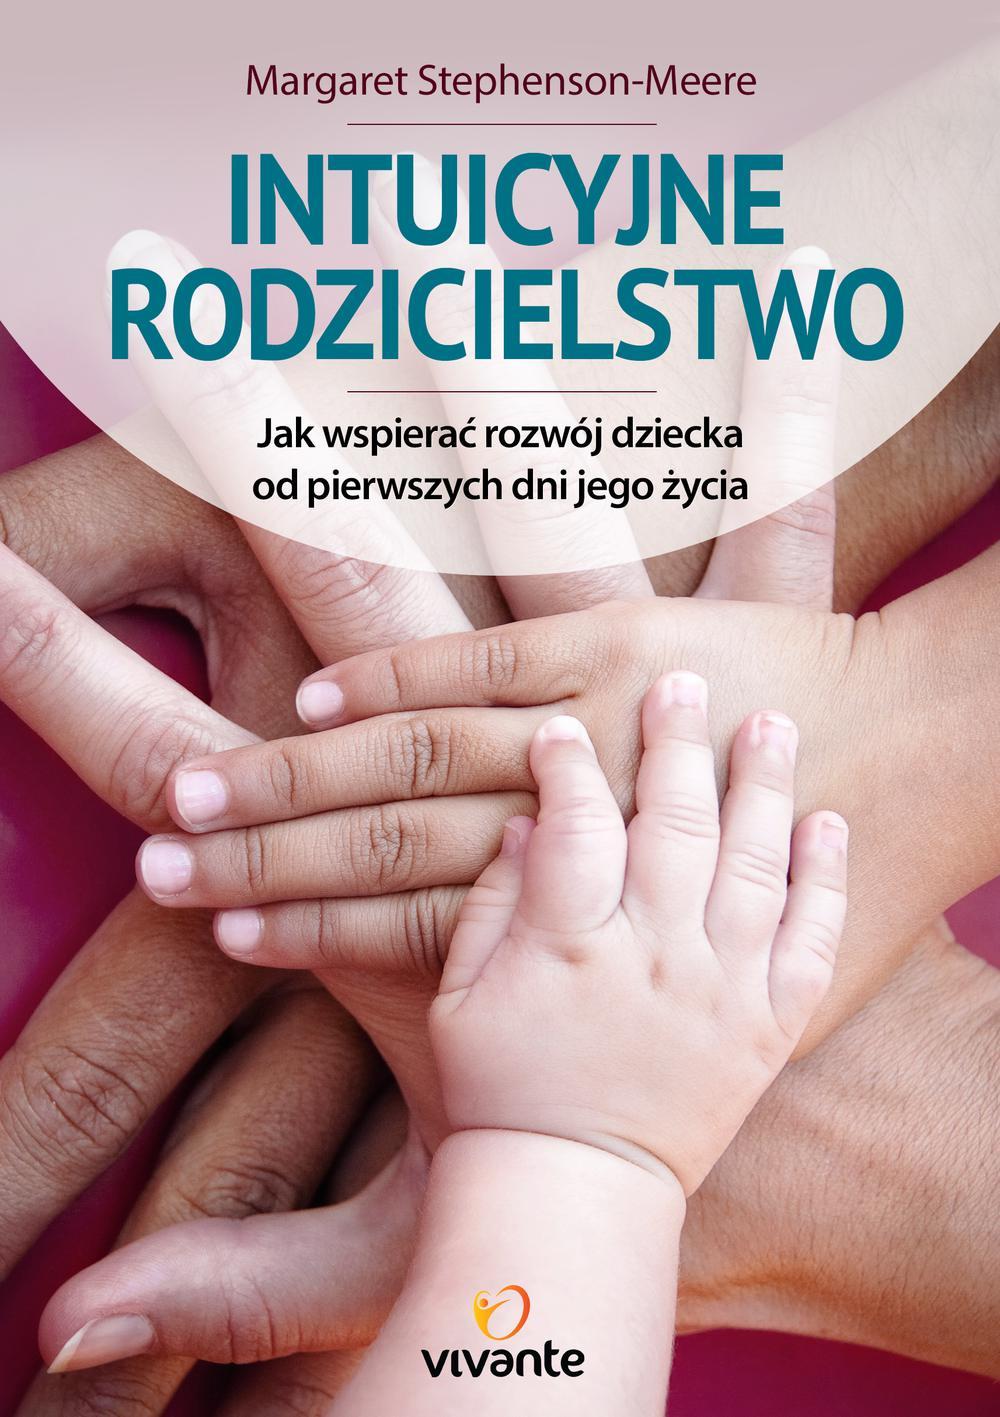 Intuicyjne rodzicielstwo. Jak wspierać rozwój dziecka od pierwszych dni jego życia - Ebook (Książka na Kindle) do pobrania w formacie MOBI